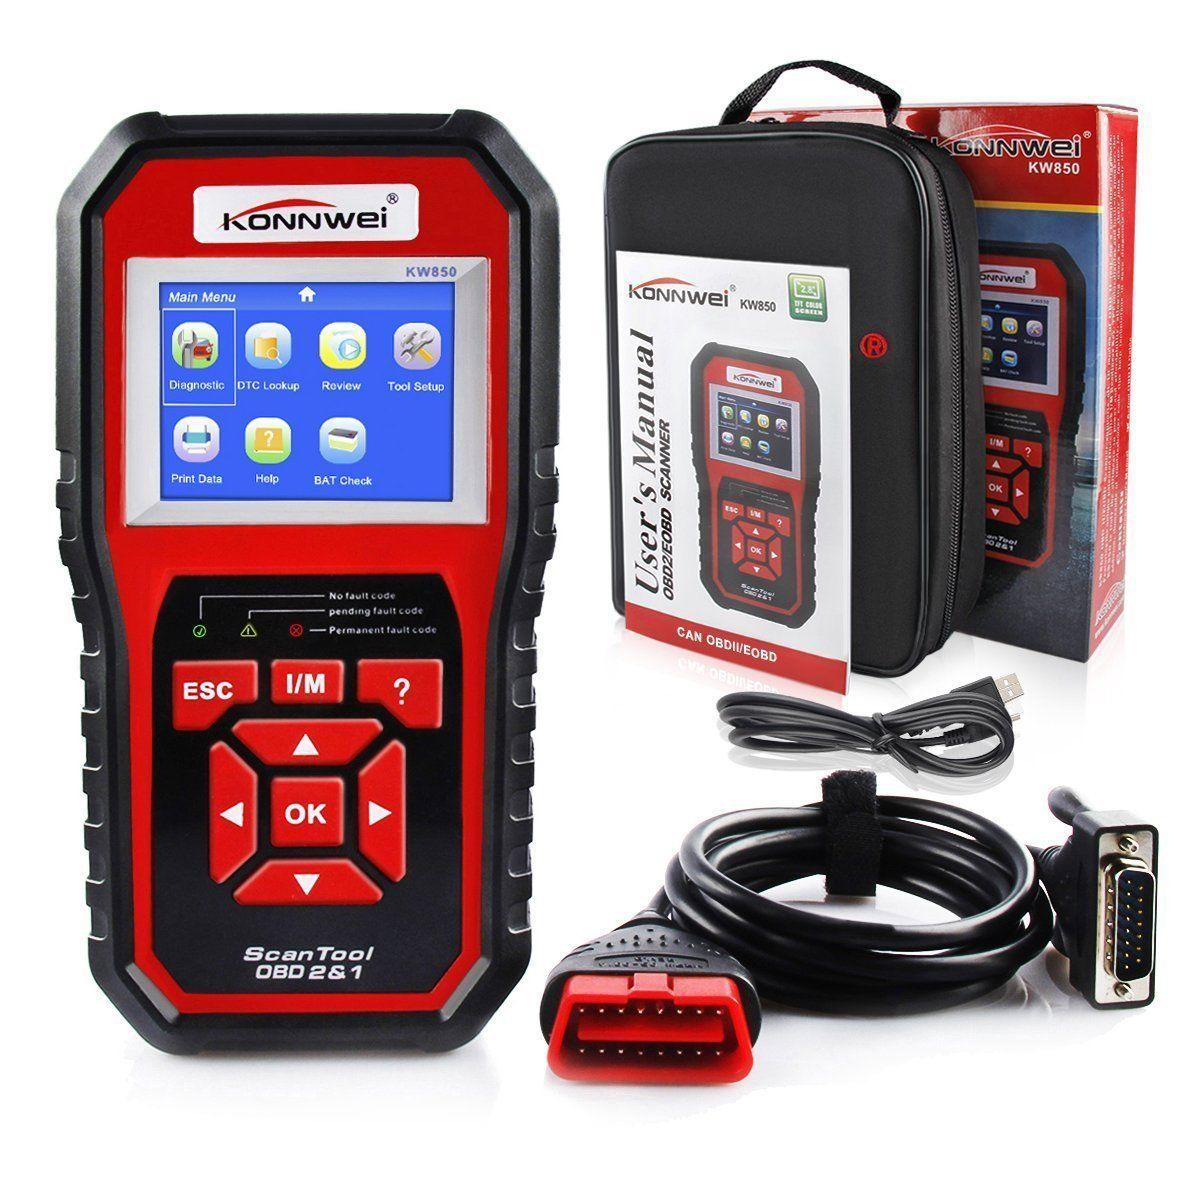 새로운 KONNWEI KW850 OBDII OBD2 EOBD 자동차 자동 코드 리더 진단 스캐너 도구 12 볼트 소매 상자 UPS DHL 무료 배송